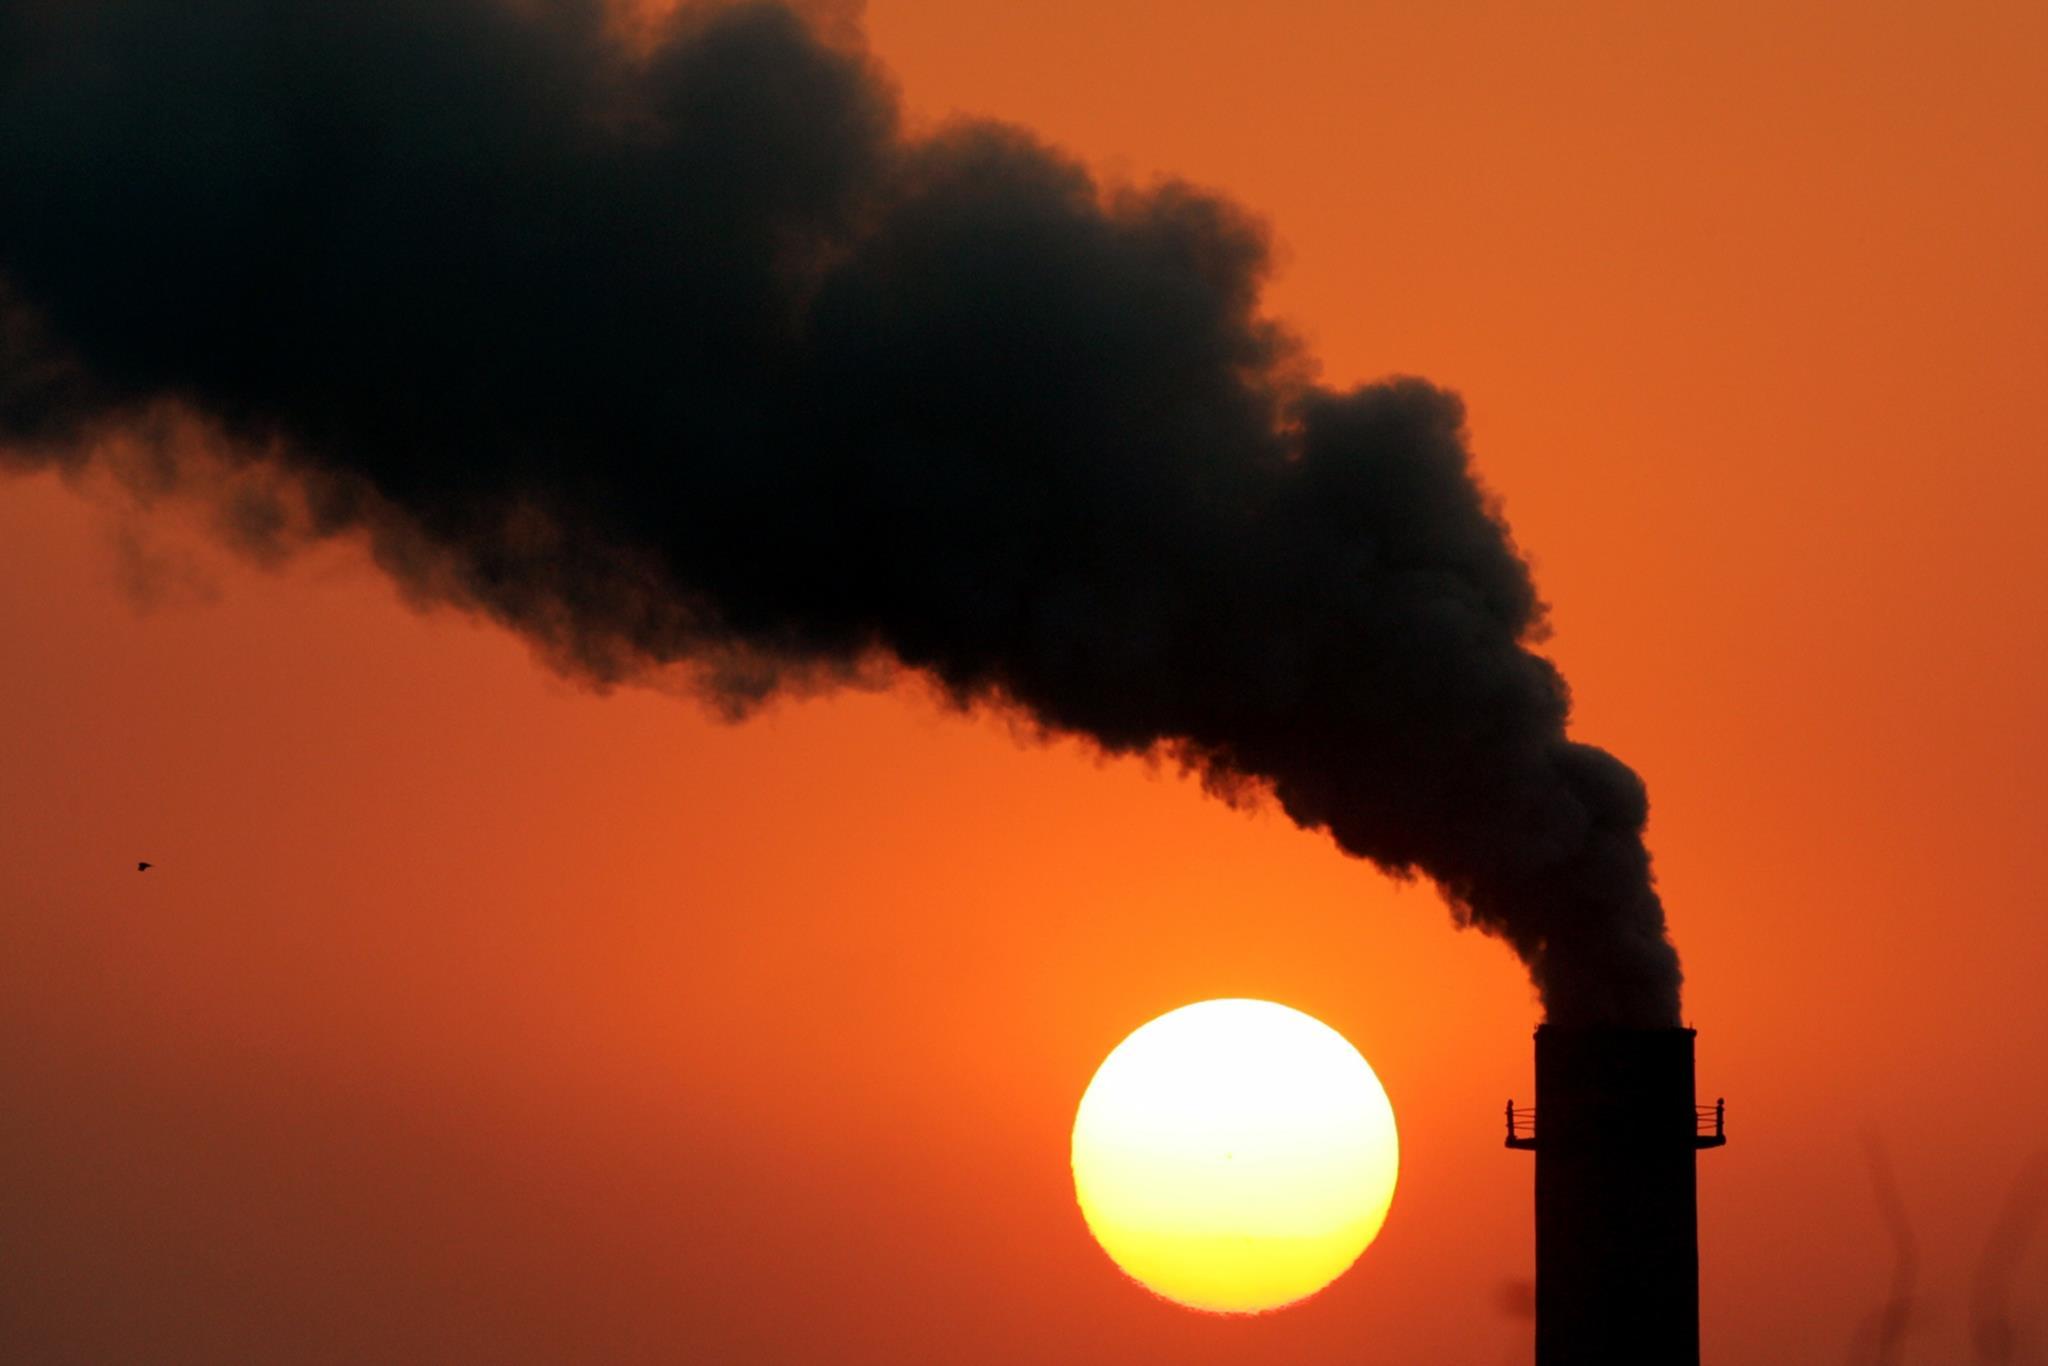 Com um planeta mais quente 1,5 graus, a maioria das espécies ainda sobrevive